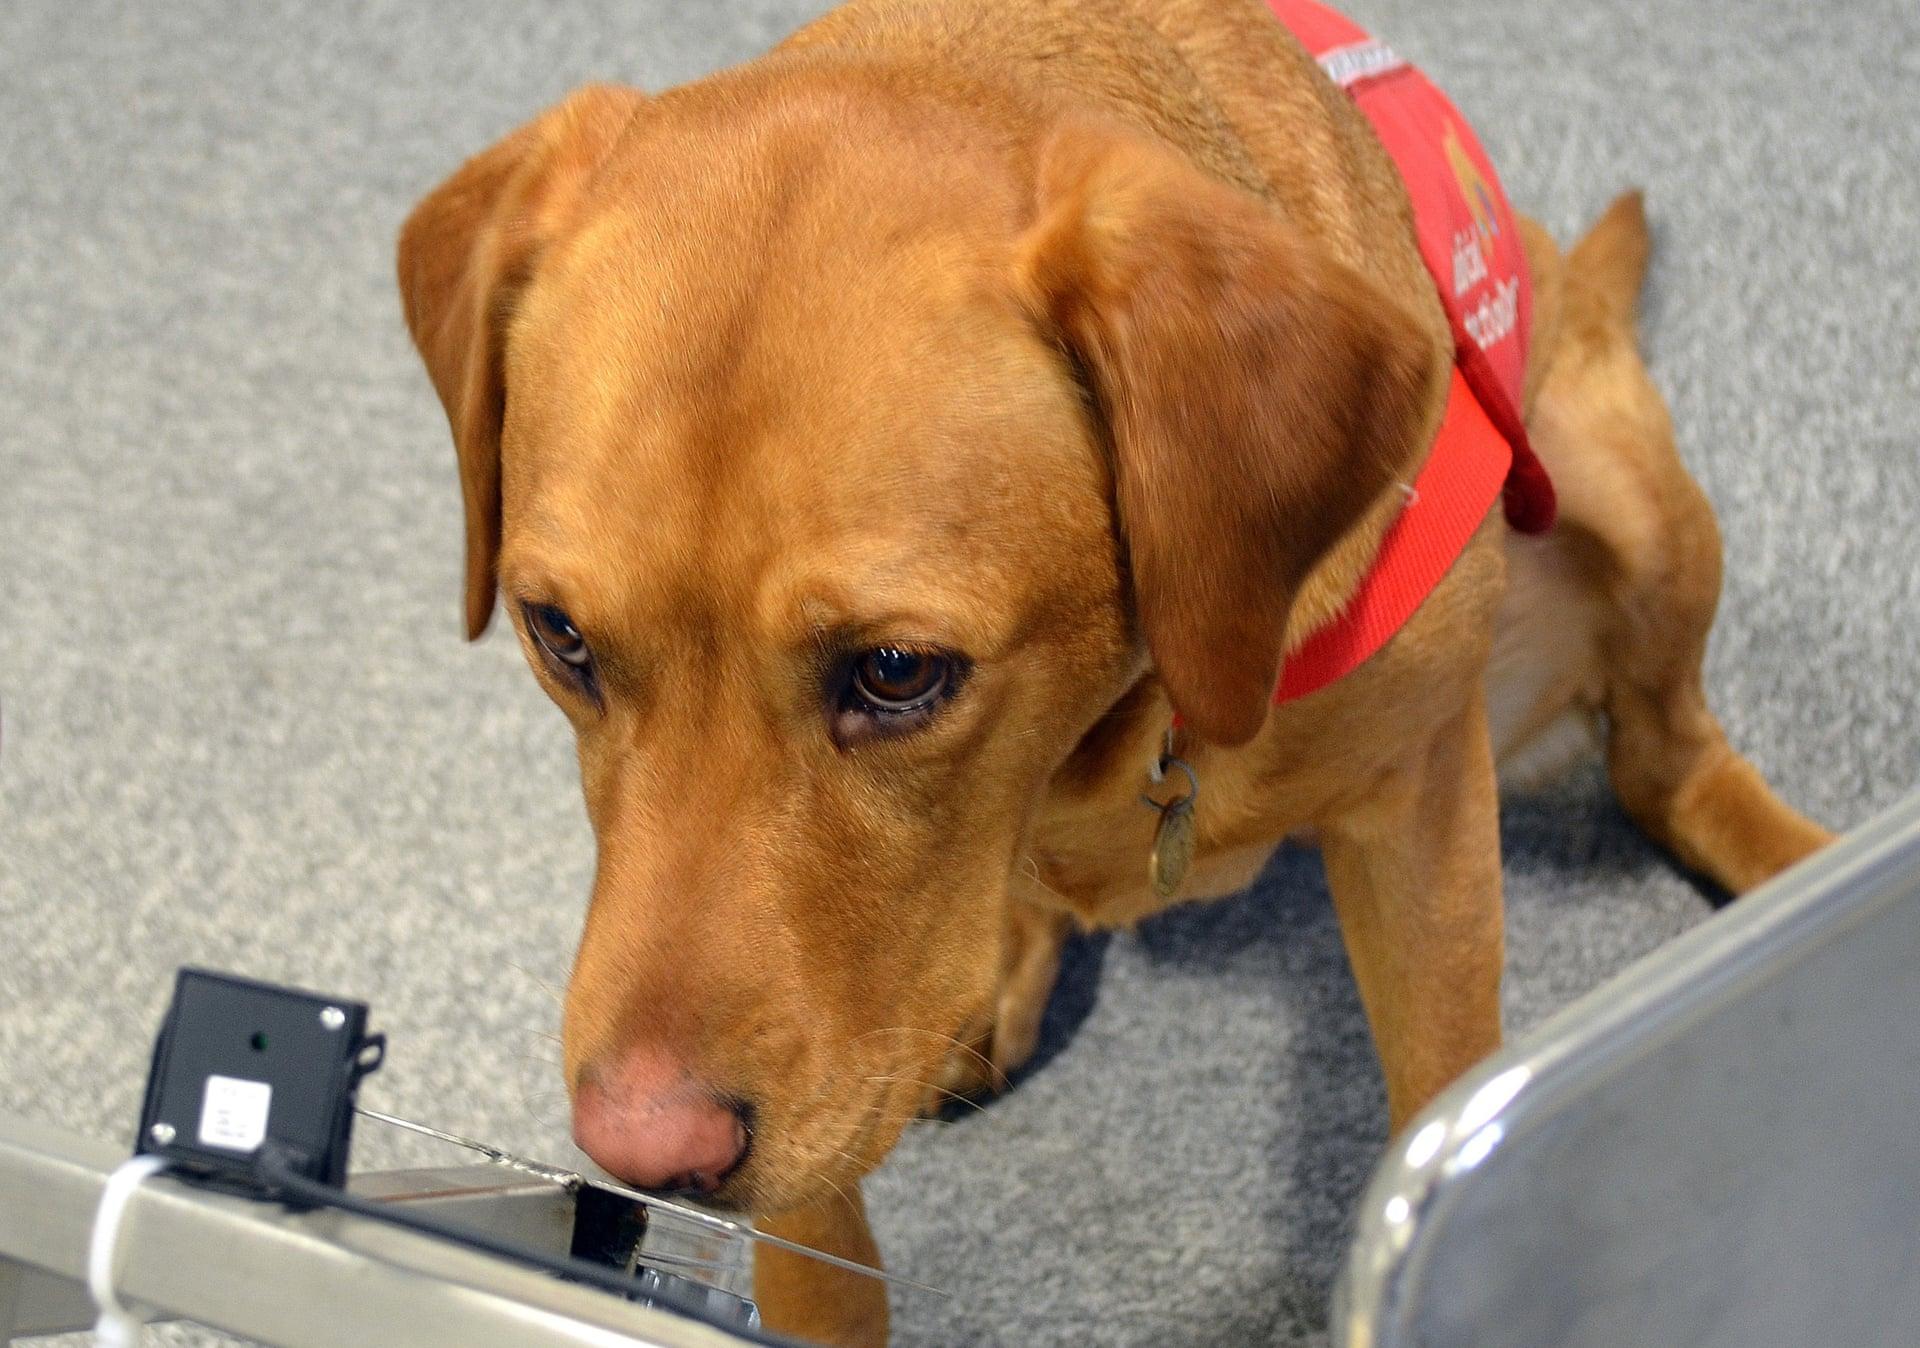 Chú chó giống tham gia vào thử nghiệm ung thư tuyến tiền liệt. Ảnh: Emma Jeffery / PA